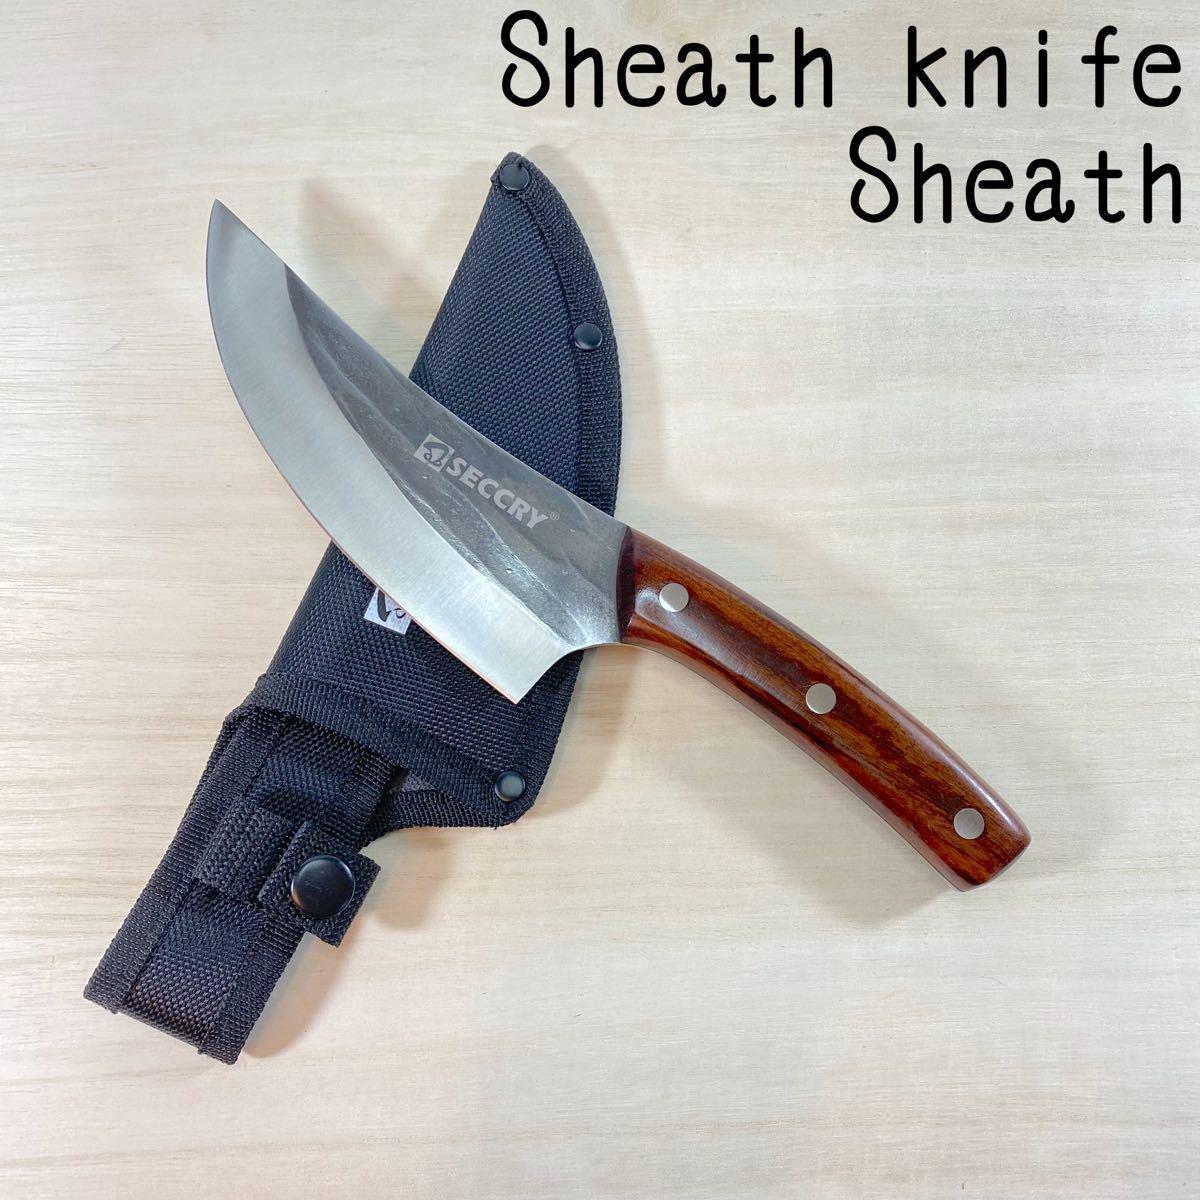 シースナイフ サバイバルナイフ アウトドアナイフ 保護ケース付き ハンティングナイフ